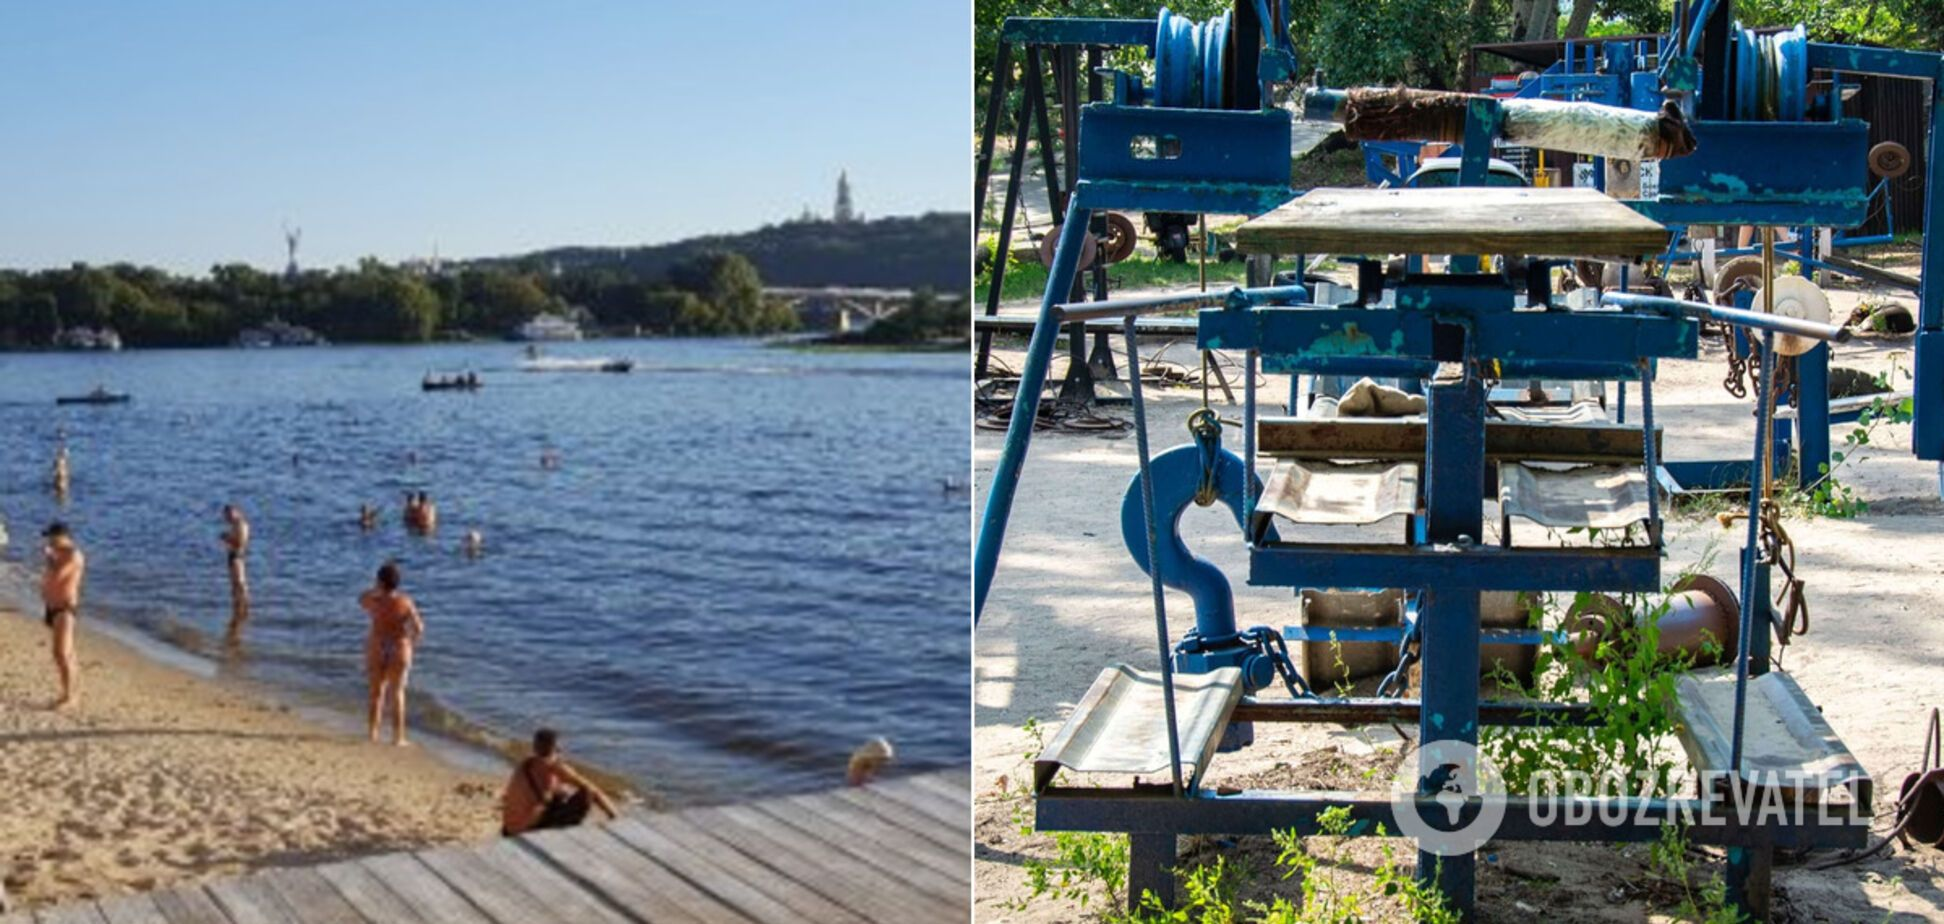 Откроют ли пляжи и Гидропарк в Киеве с 12 мая: в КГГА дали ответ